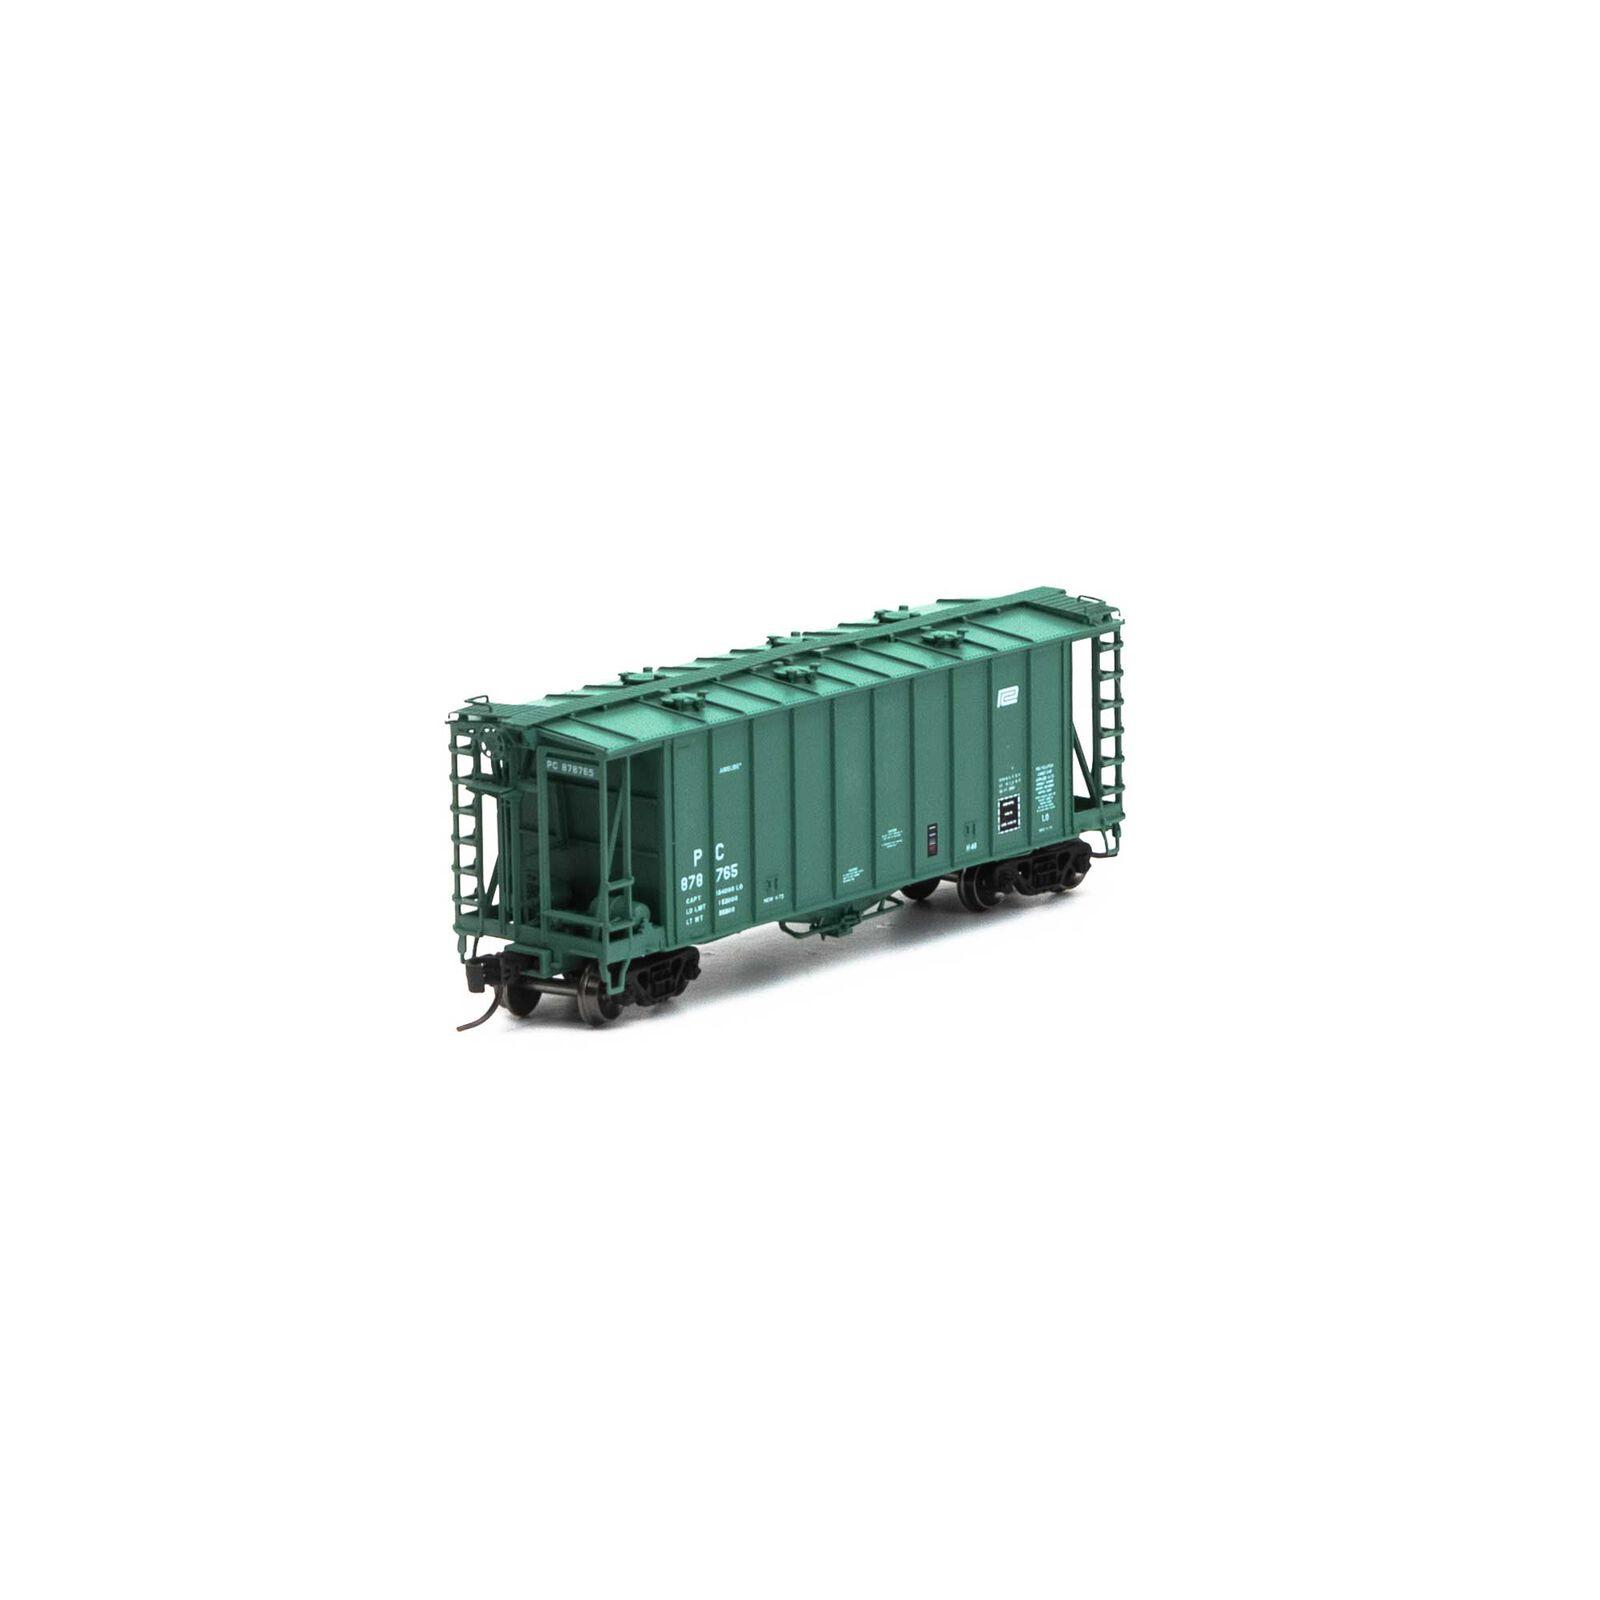 N GATC 2600 Airslide Hopper PC #878765